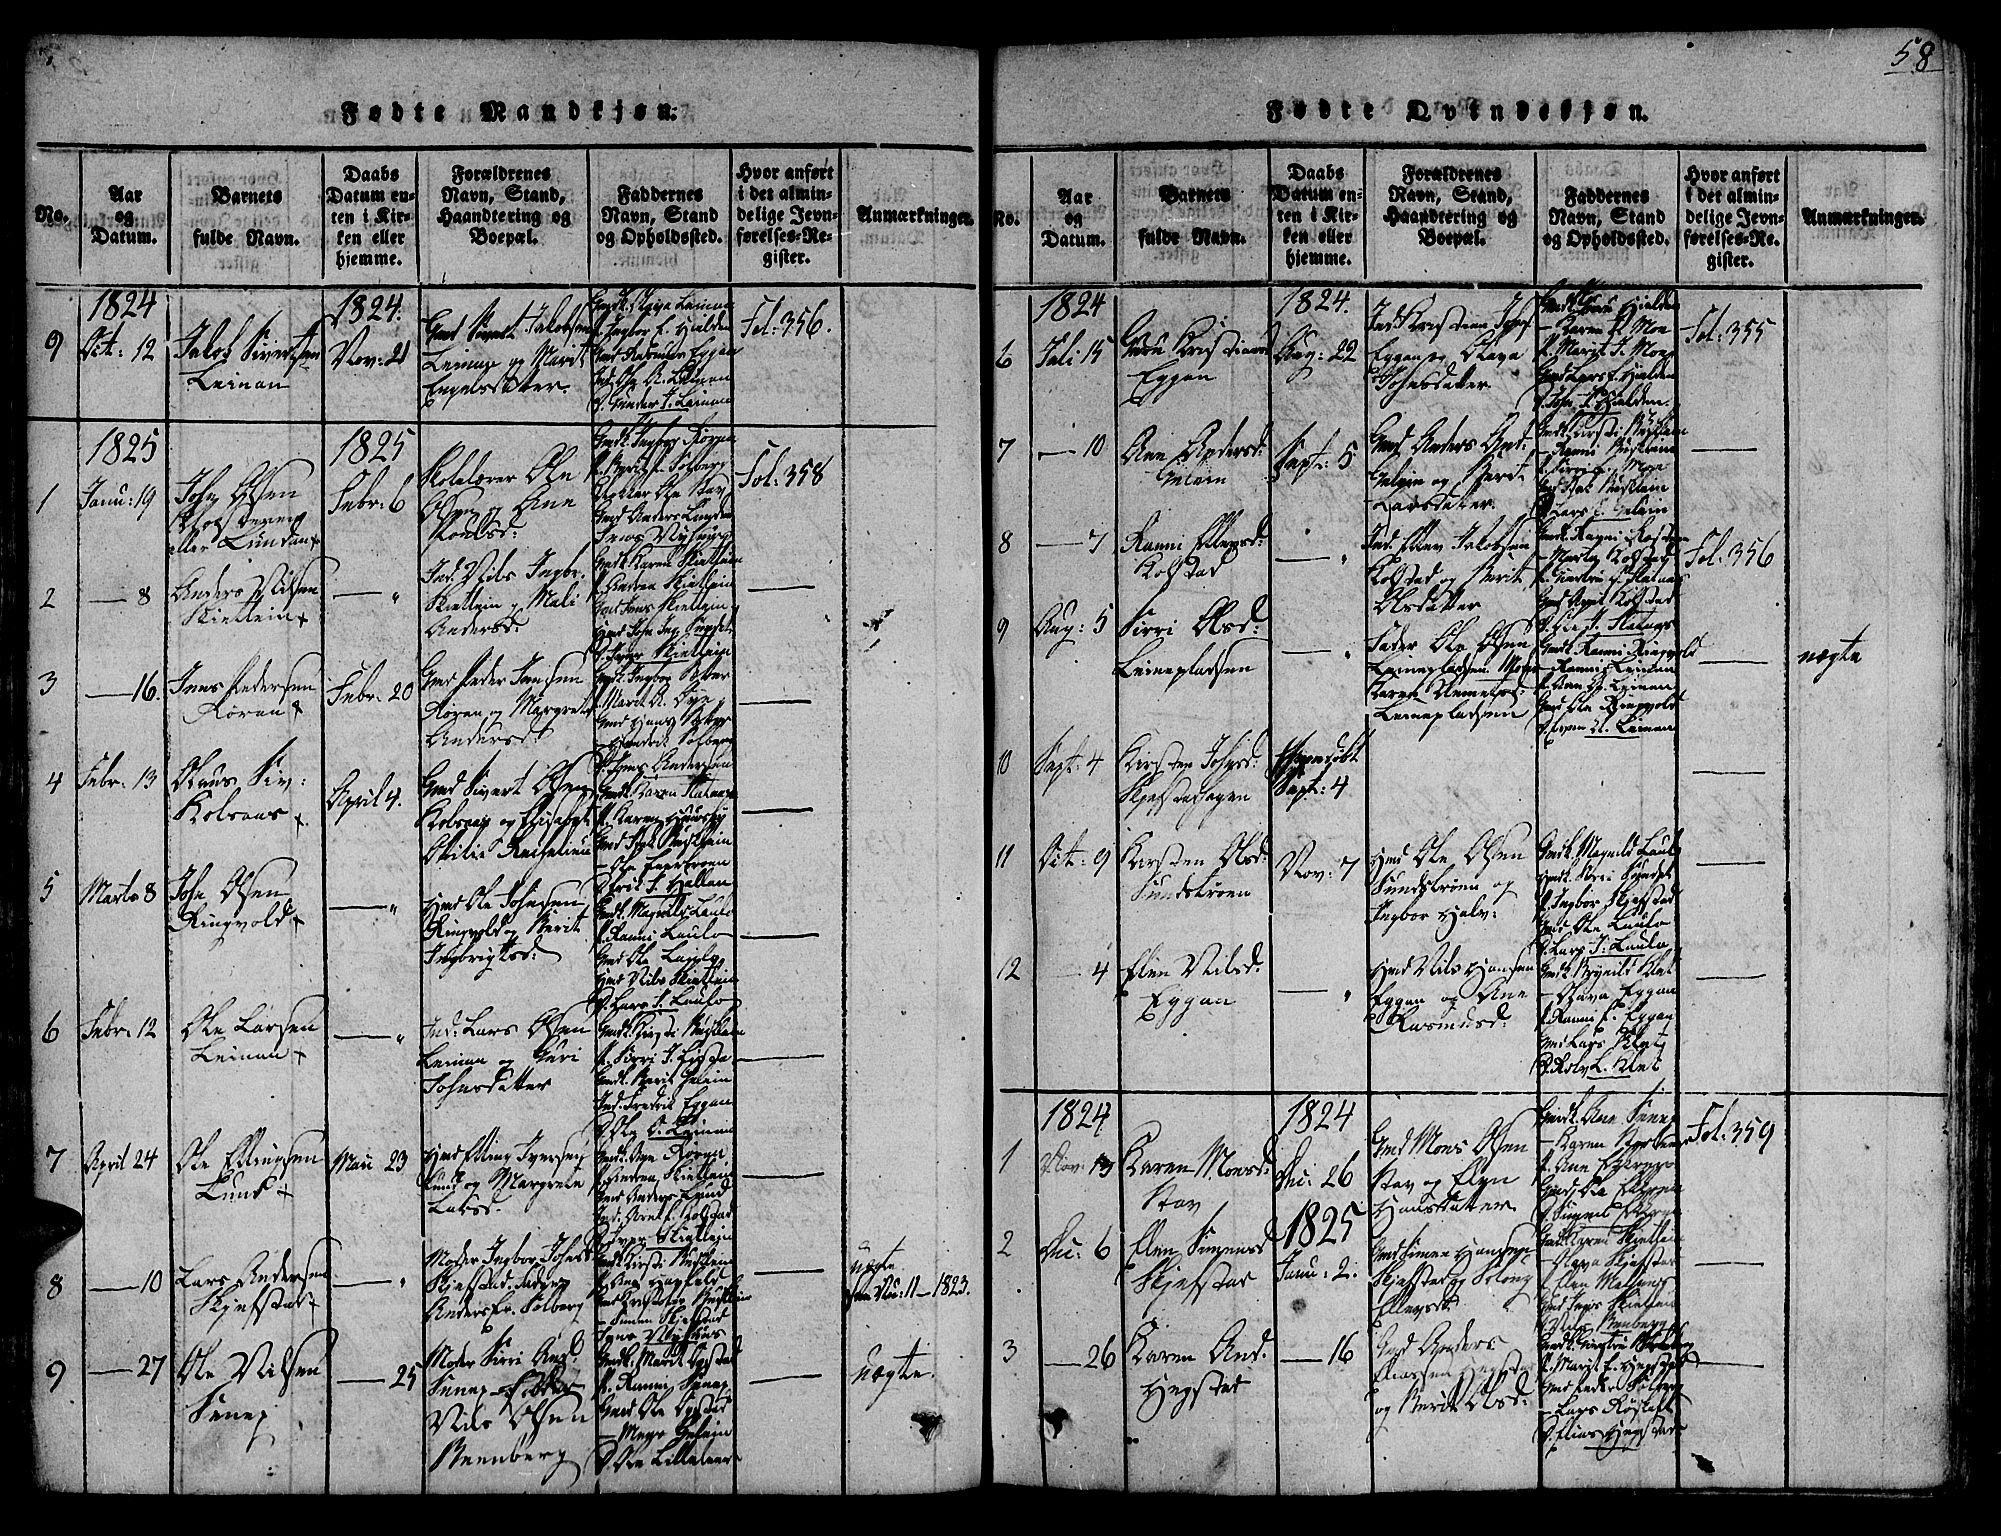 SAT, Ministerialprotokoller, klokkerbøker og fødselsregistre - Sør-Trøndelag, 691/L1067: Ministerialbok nr. 691A03 /3, 1816-1826, s. 58